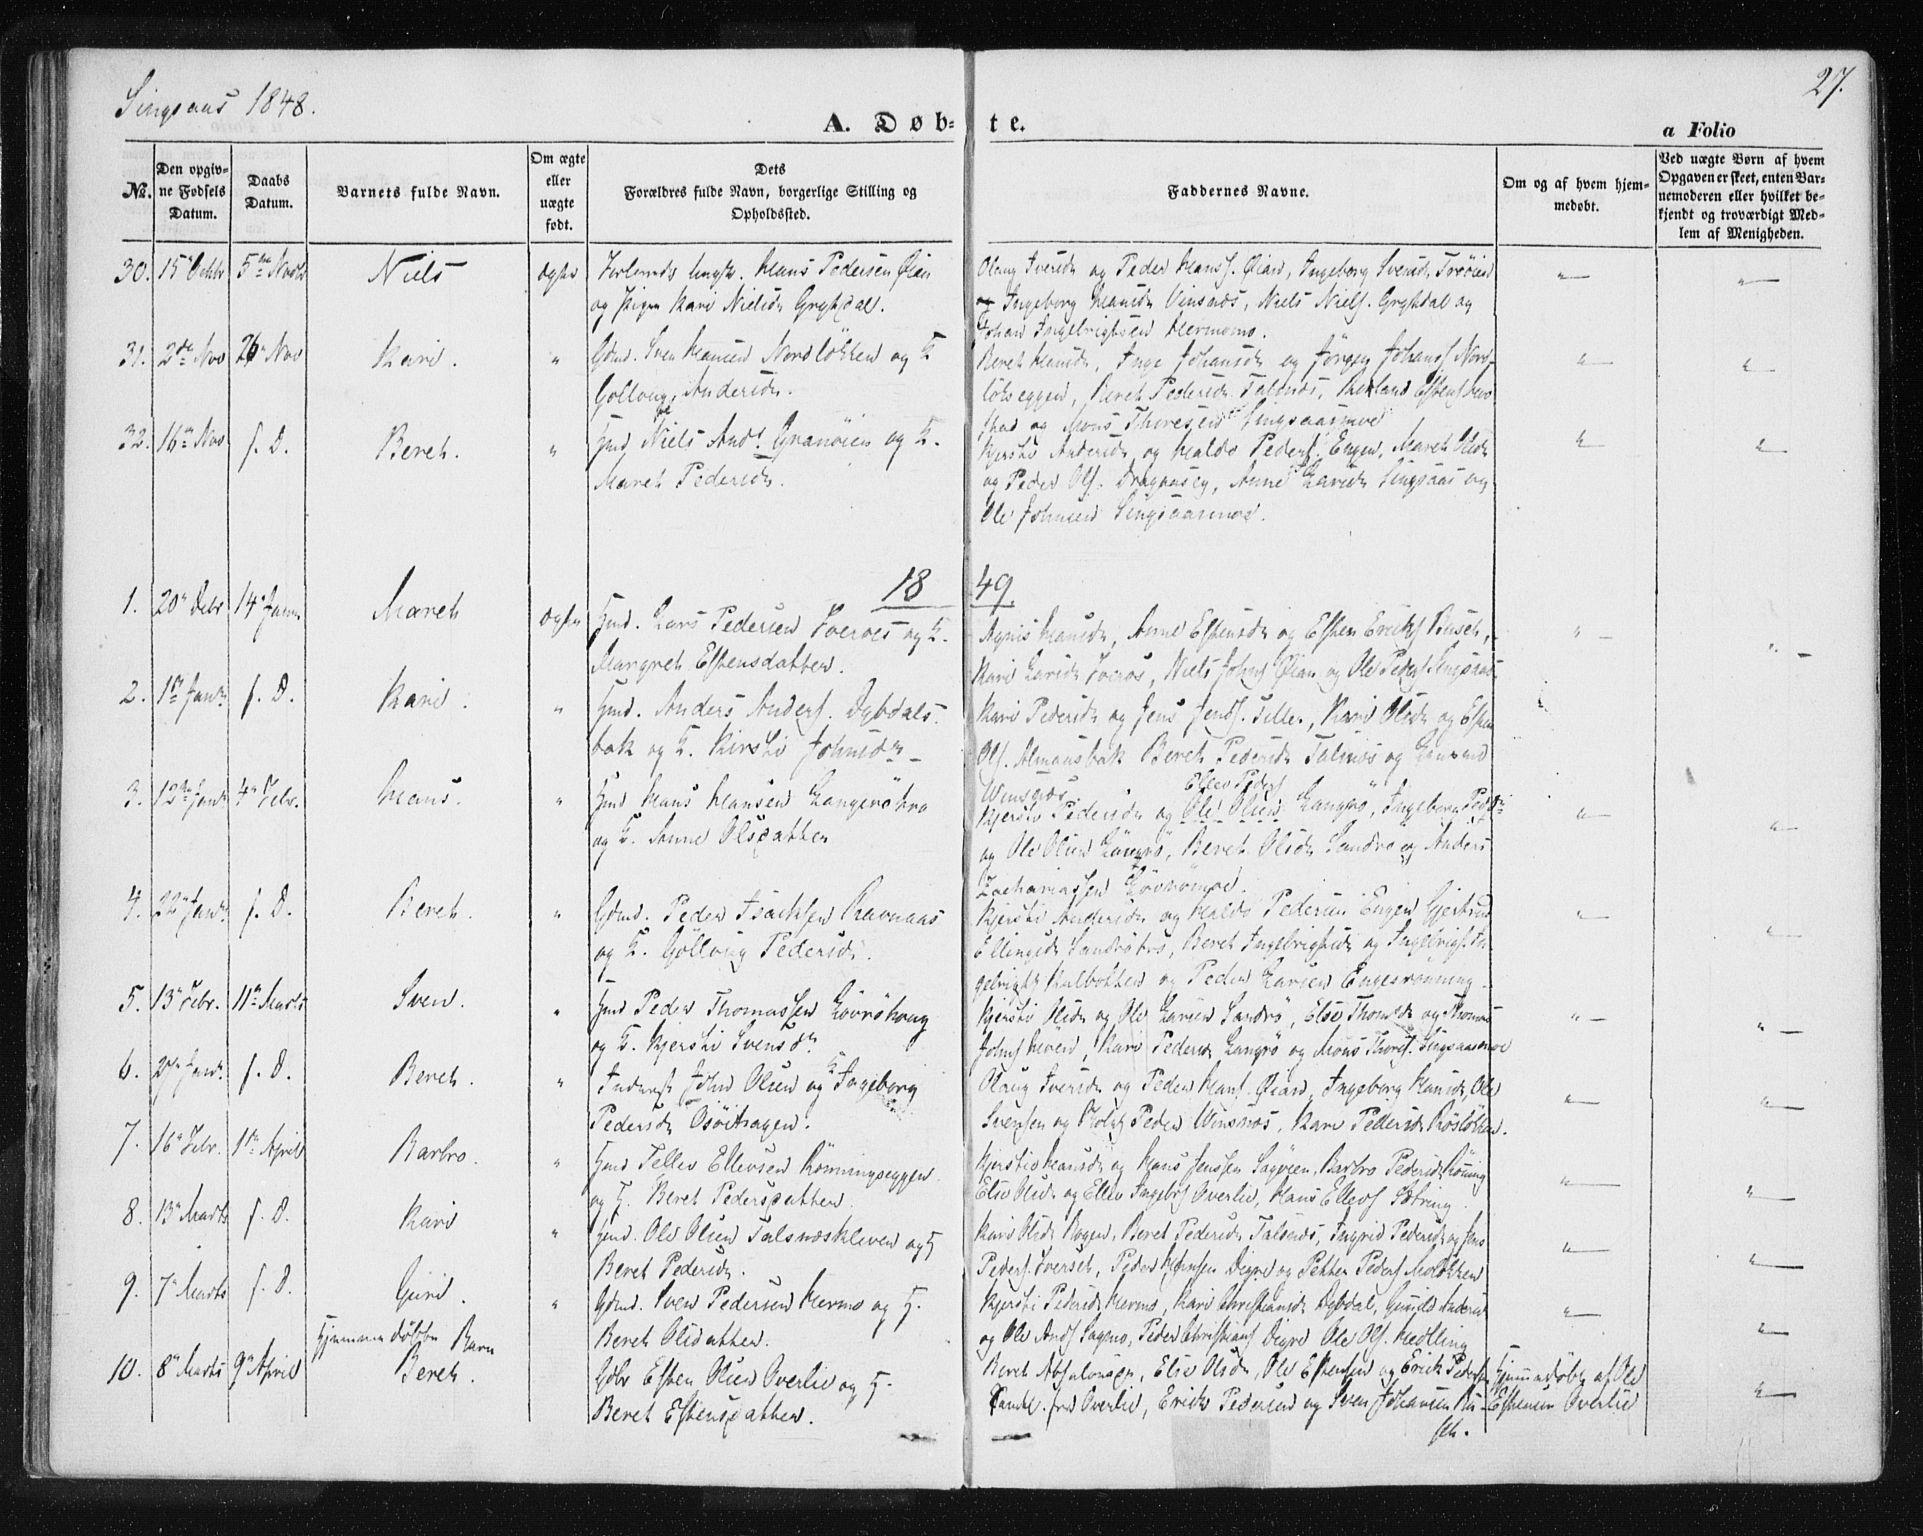 SAT, Ministerialprotokoller, klokkerbøker og fødselsregistre - Sør-Trøndelag, 685/L0964: Ministerialbok nr. 685A06 /2, 1846-1859, s. 27